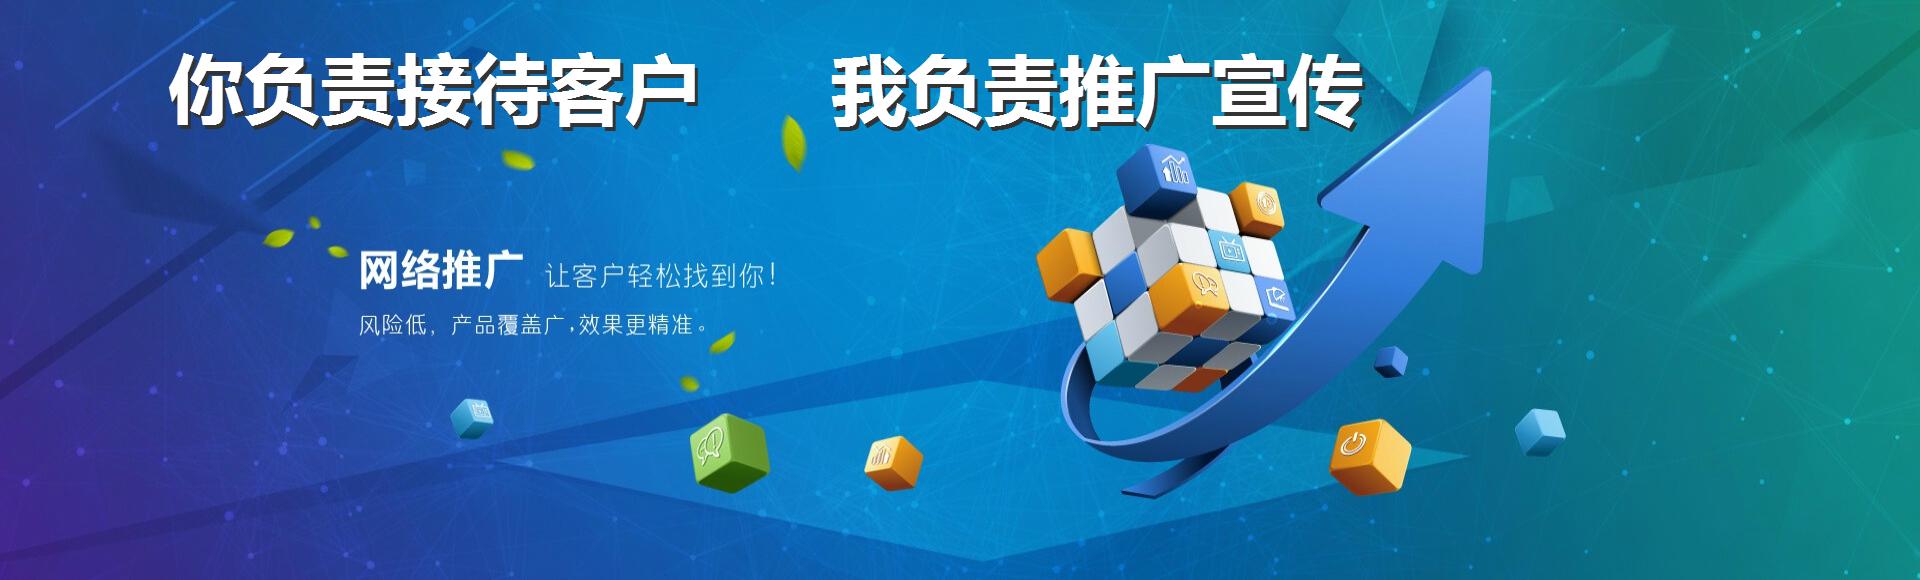 江苏苏州首页微博推广服务